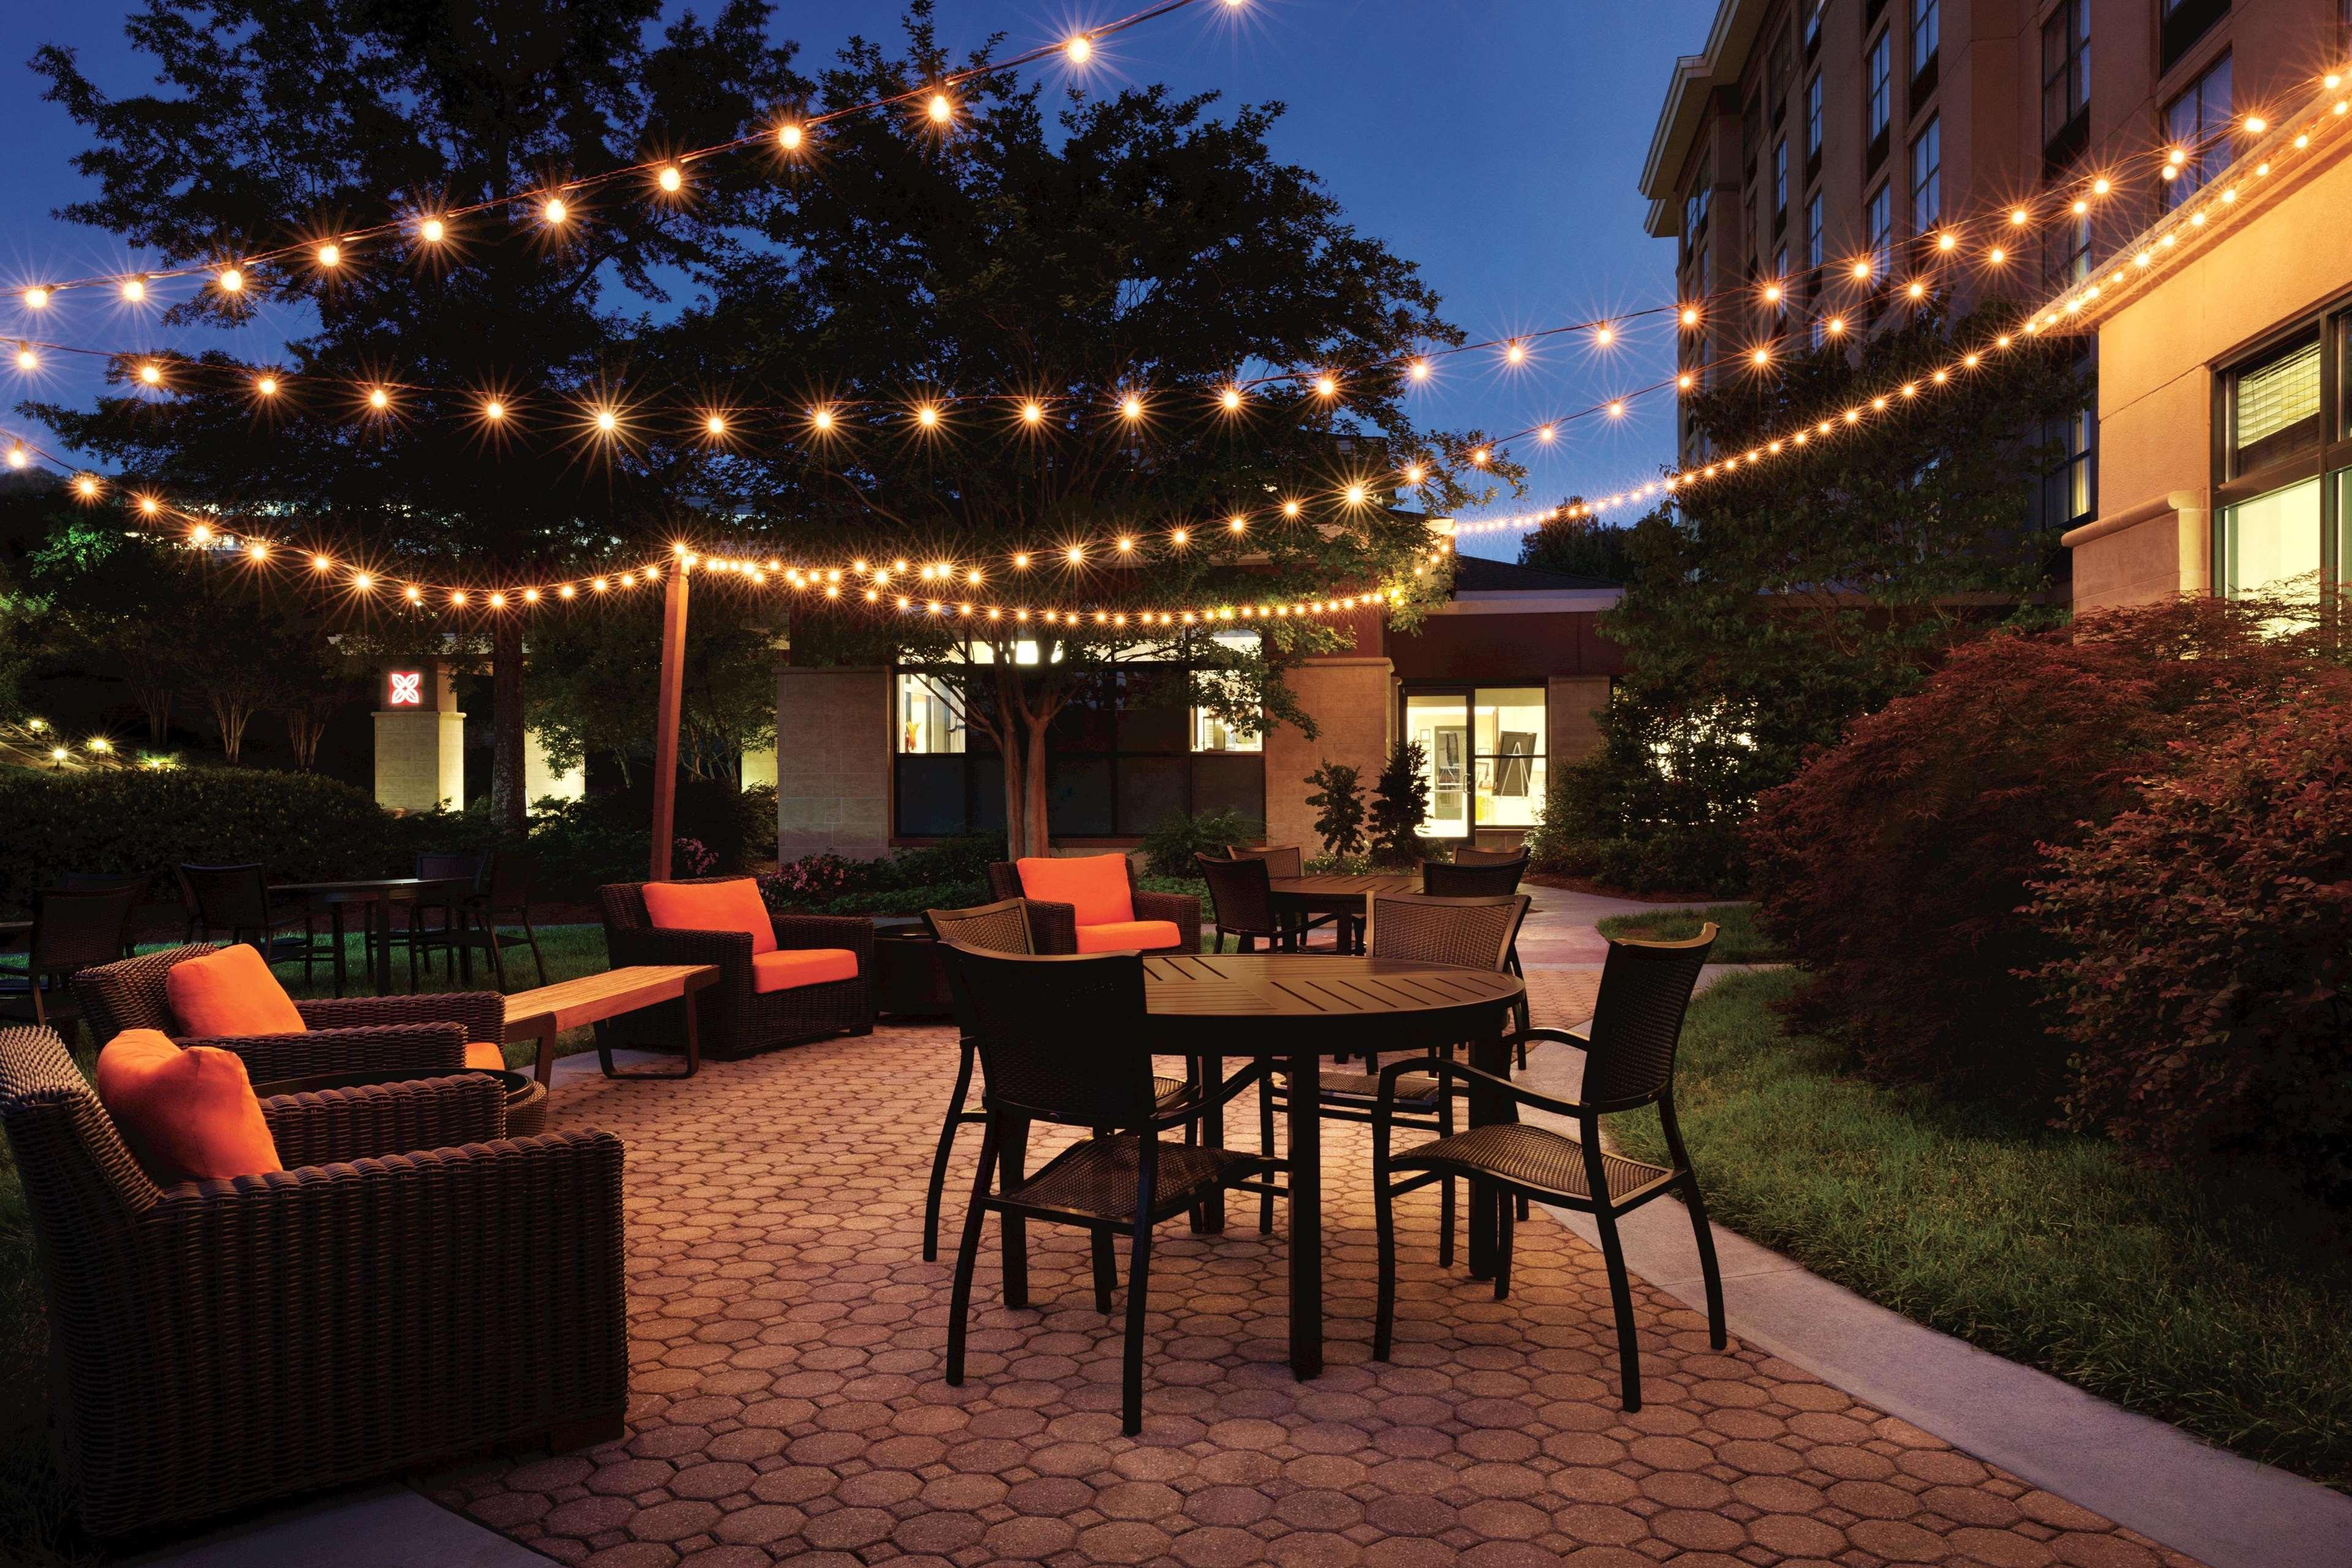 Hilton Garden Inn Atlanta Perimeter Center image 33